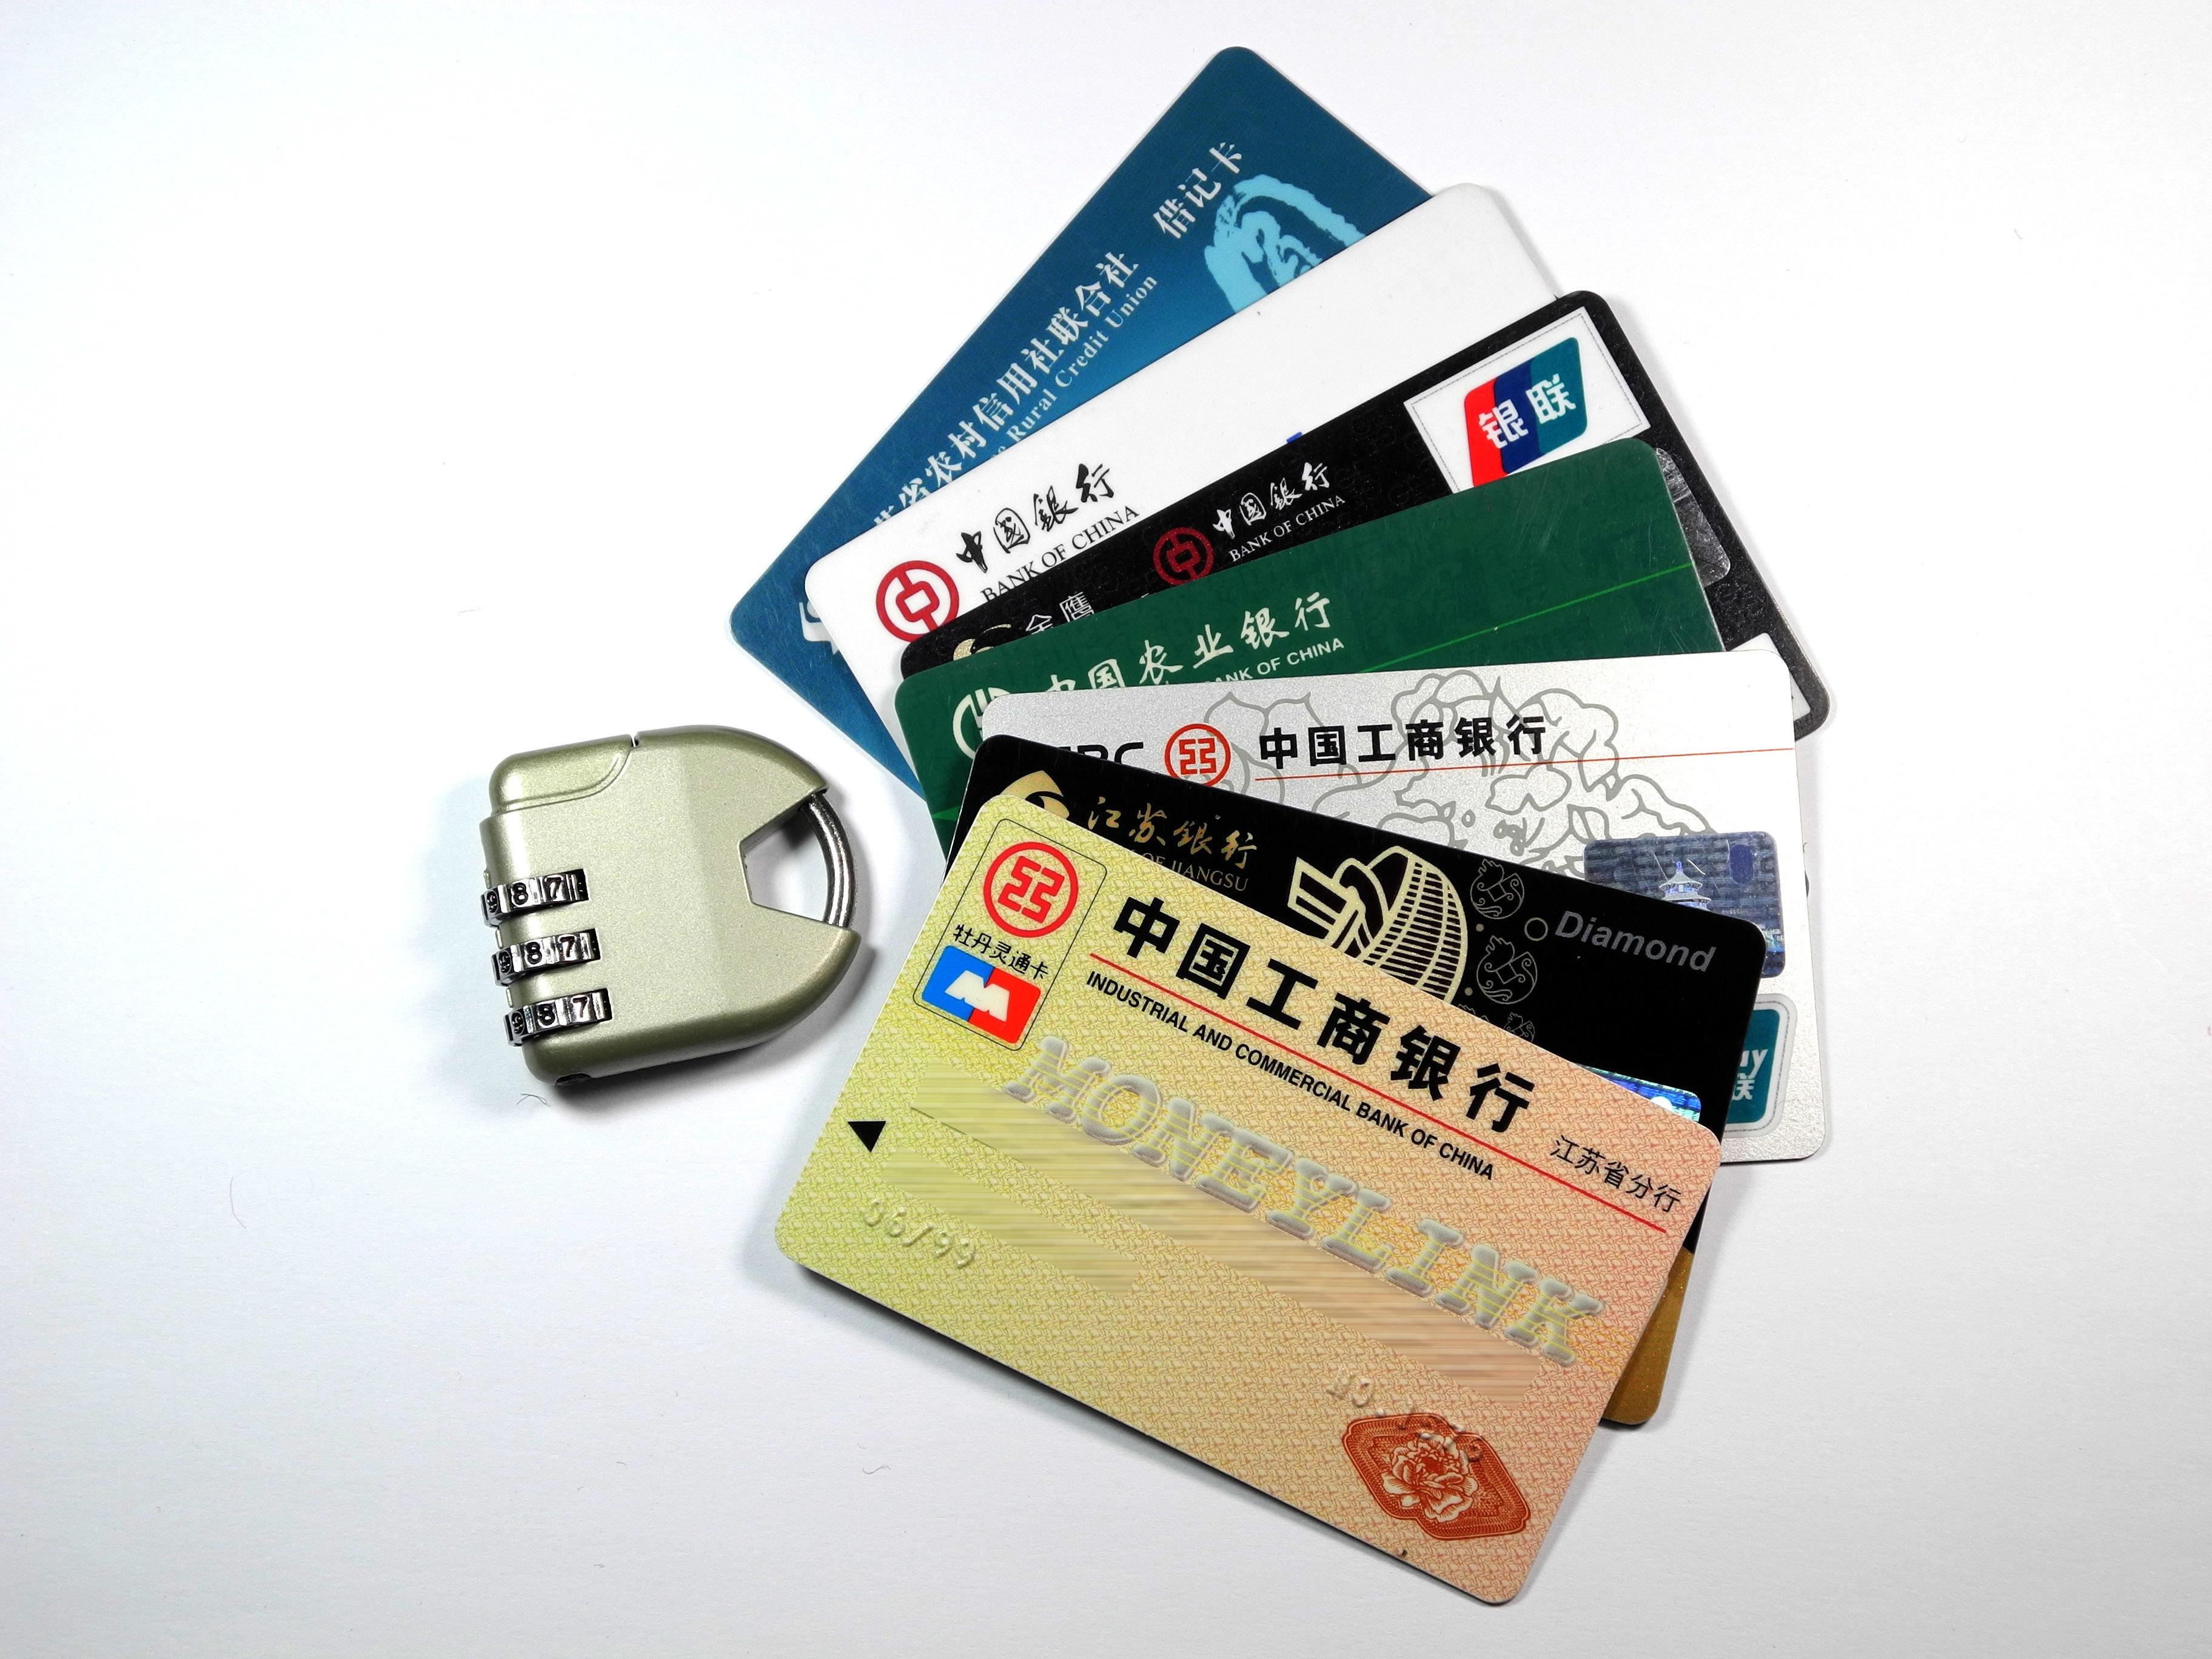 影响信用卡提额的5个细节,知道这些原因,提额就很容易了!